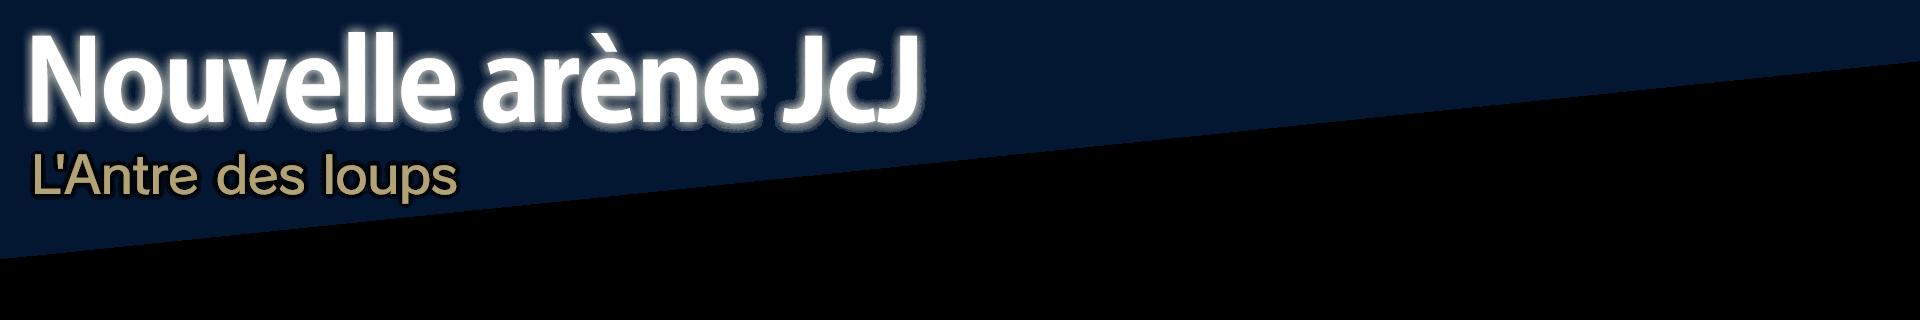 Nouvelle arène JcJ